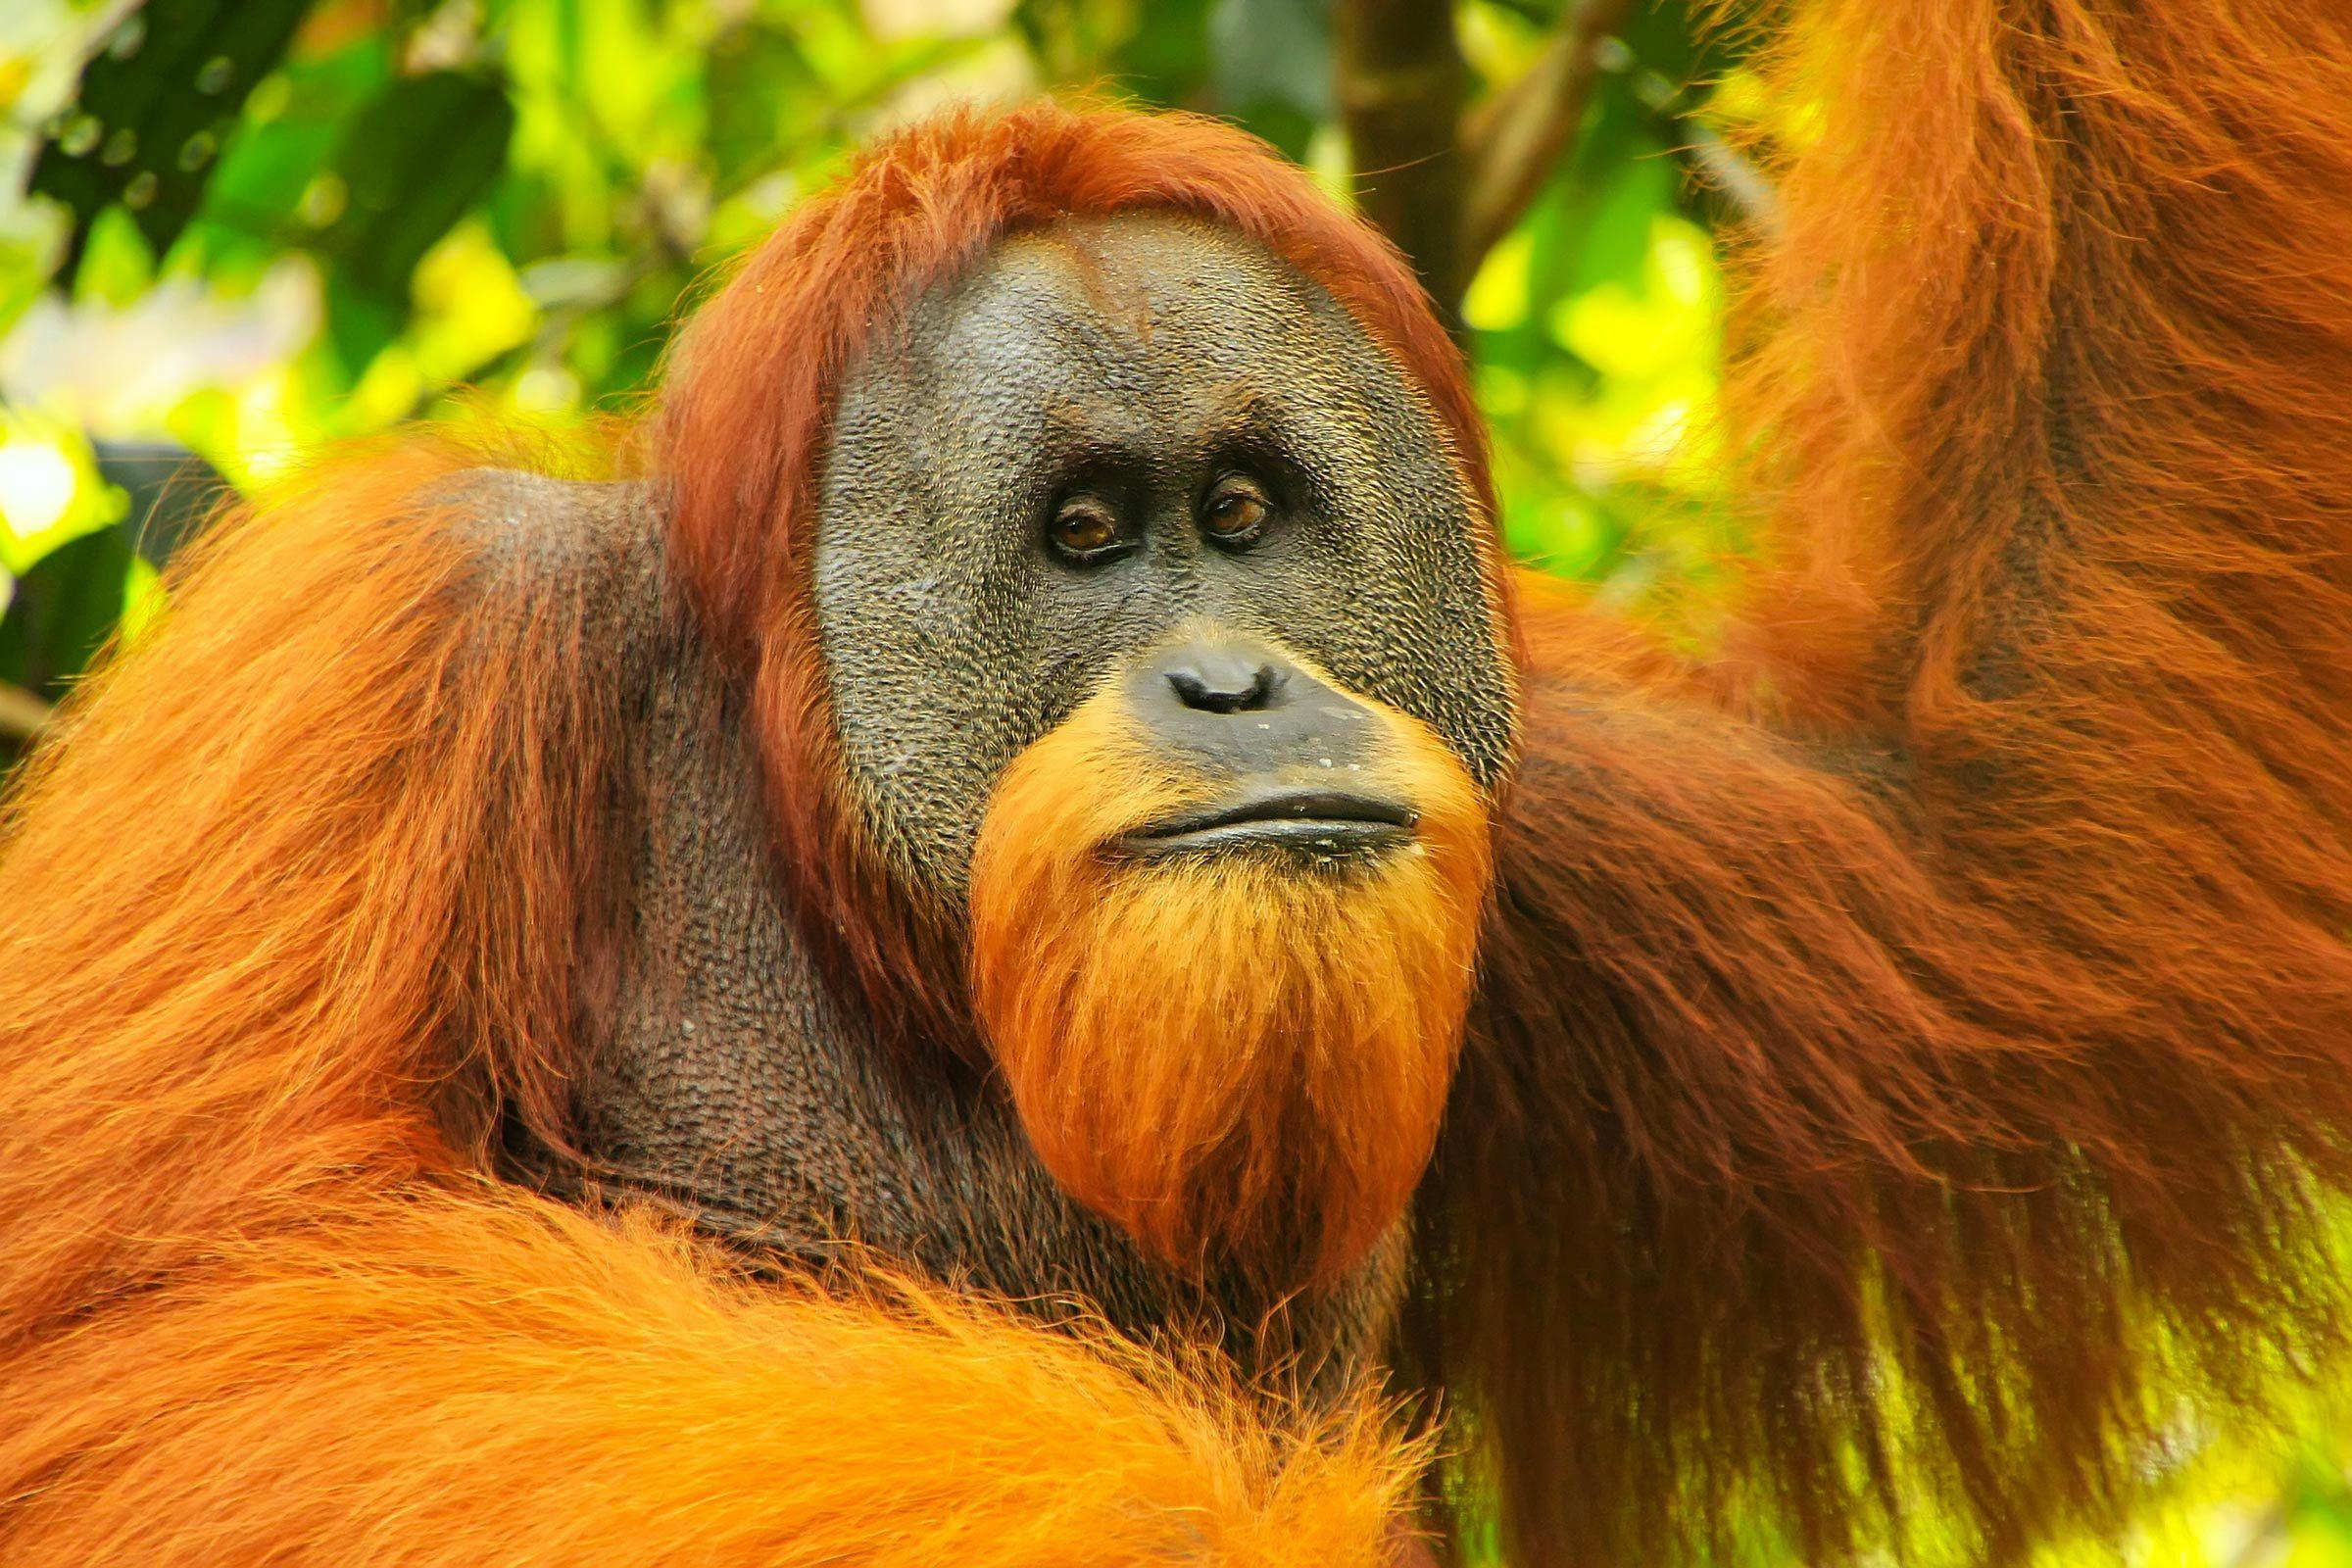 Espèces menacées : orang-outan de Sumatra (Pongo abelii)